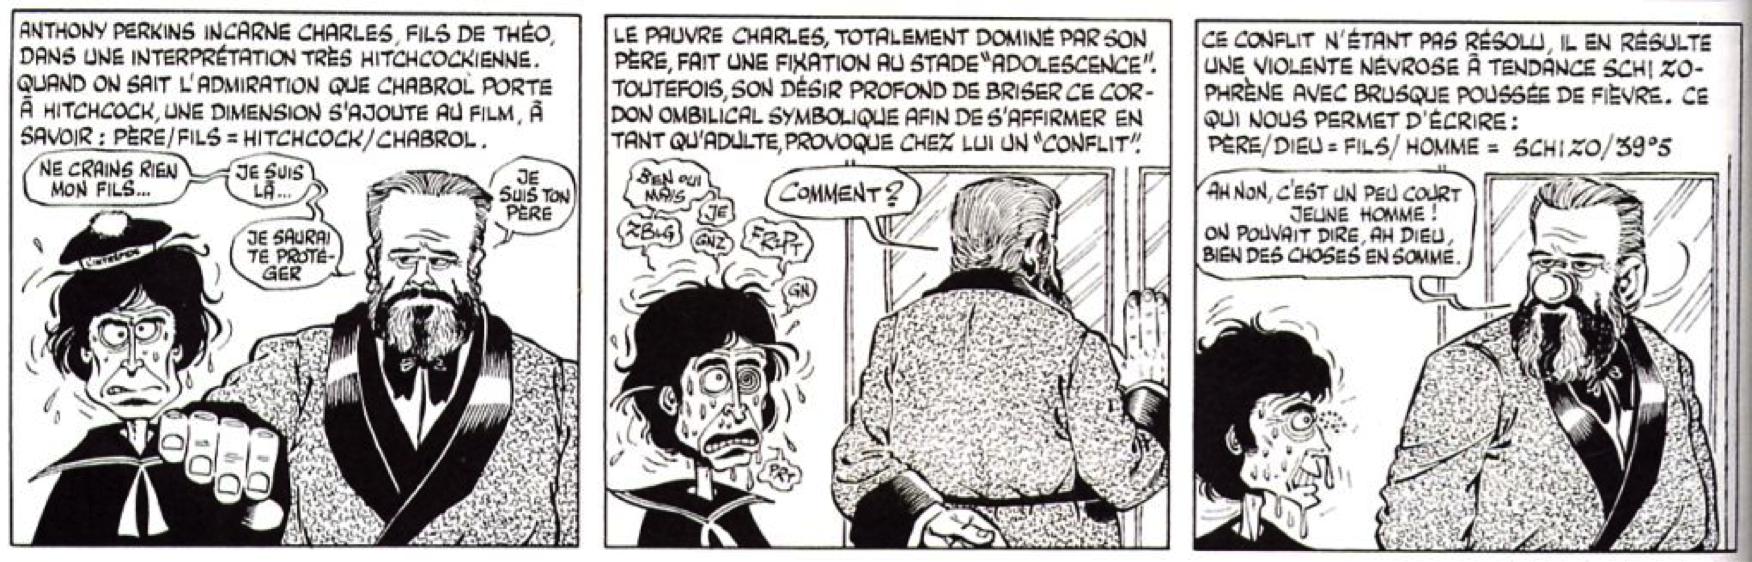 Extrait de la série La Rubrique-à-brac